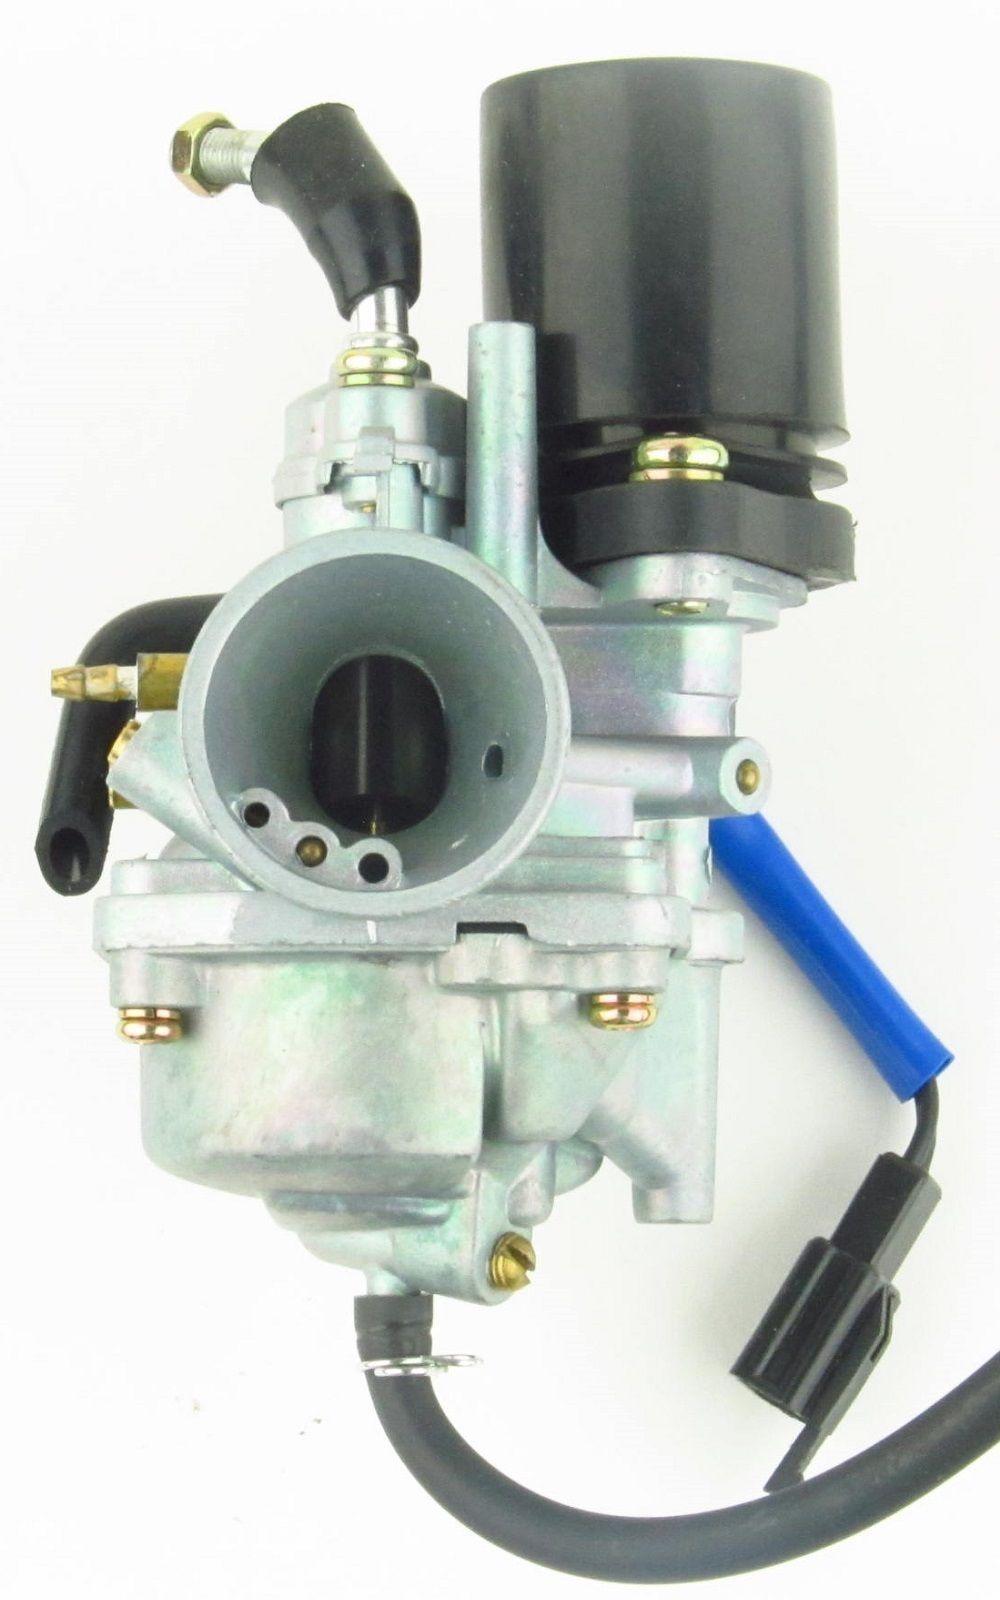 2 stroke atv quad buggy arctic cat 90 engine motor carburetor carb parts 90cc - parts & accessories chinese 90cc atv wiring diagram 90cc atv engine diagram